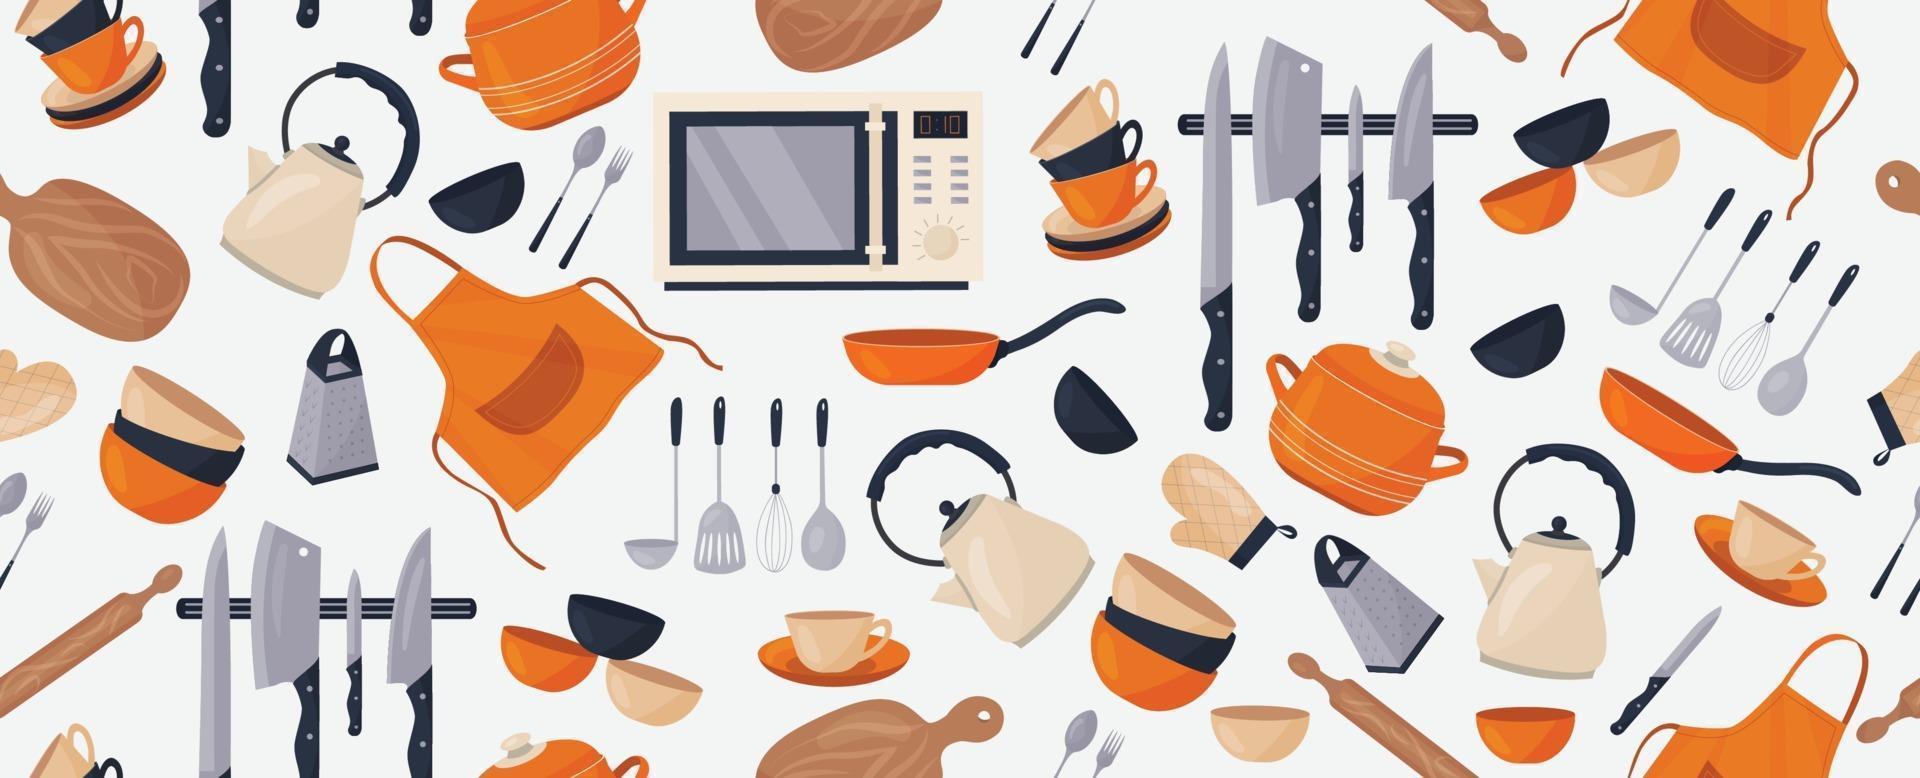 Vector seamless pattern con vari accessori da cucina su uno sfondo bianco. utensili da cucina. una pentola, un bollitore, coltelli, piatti, tazze ...